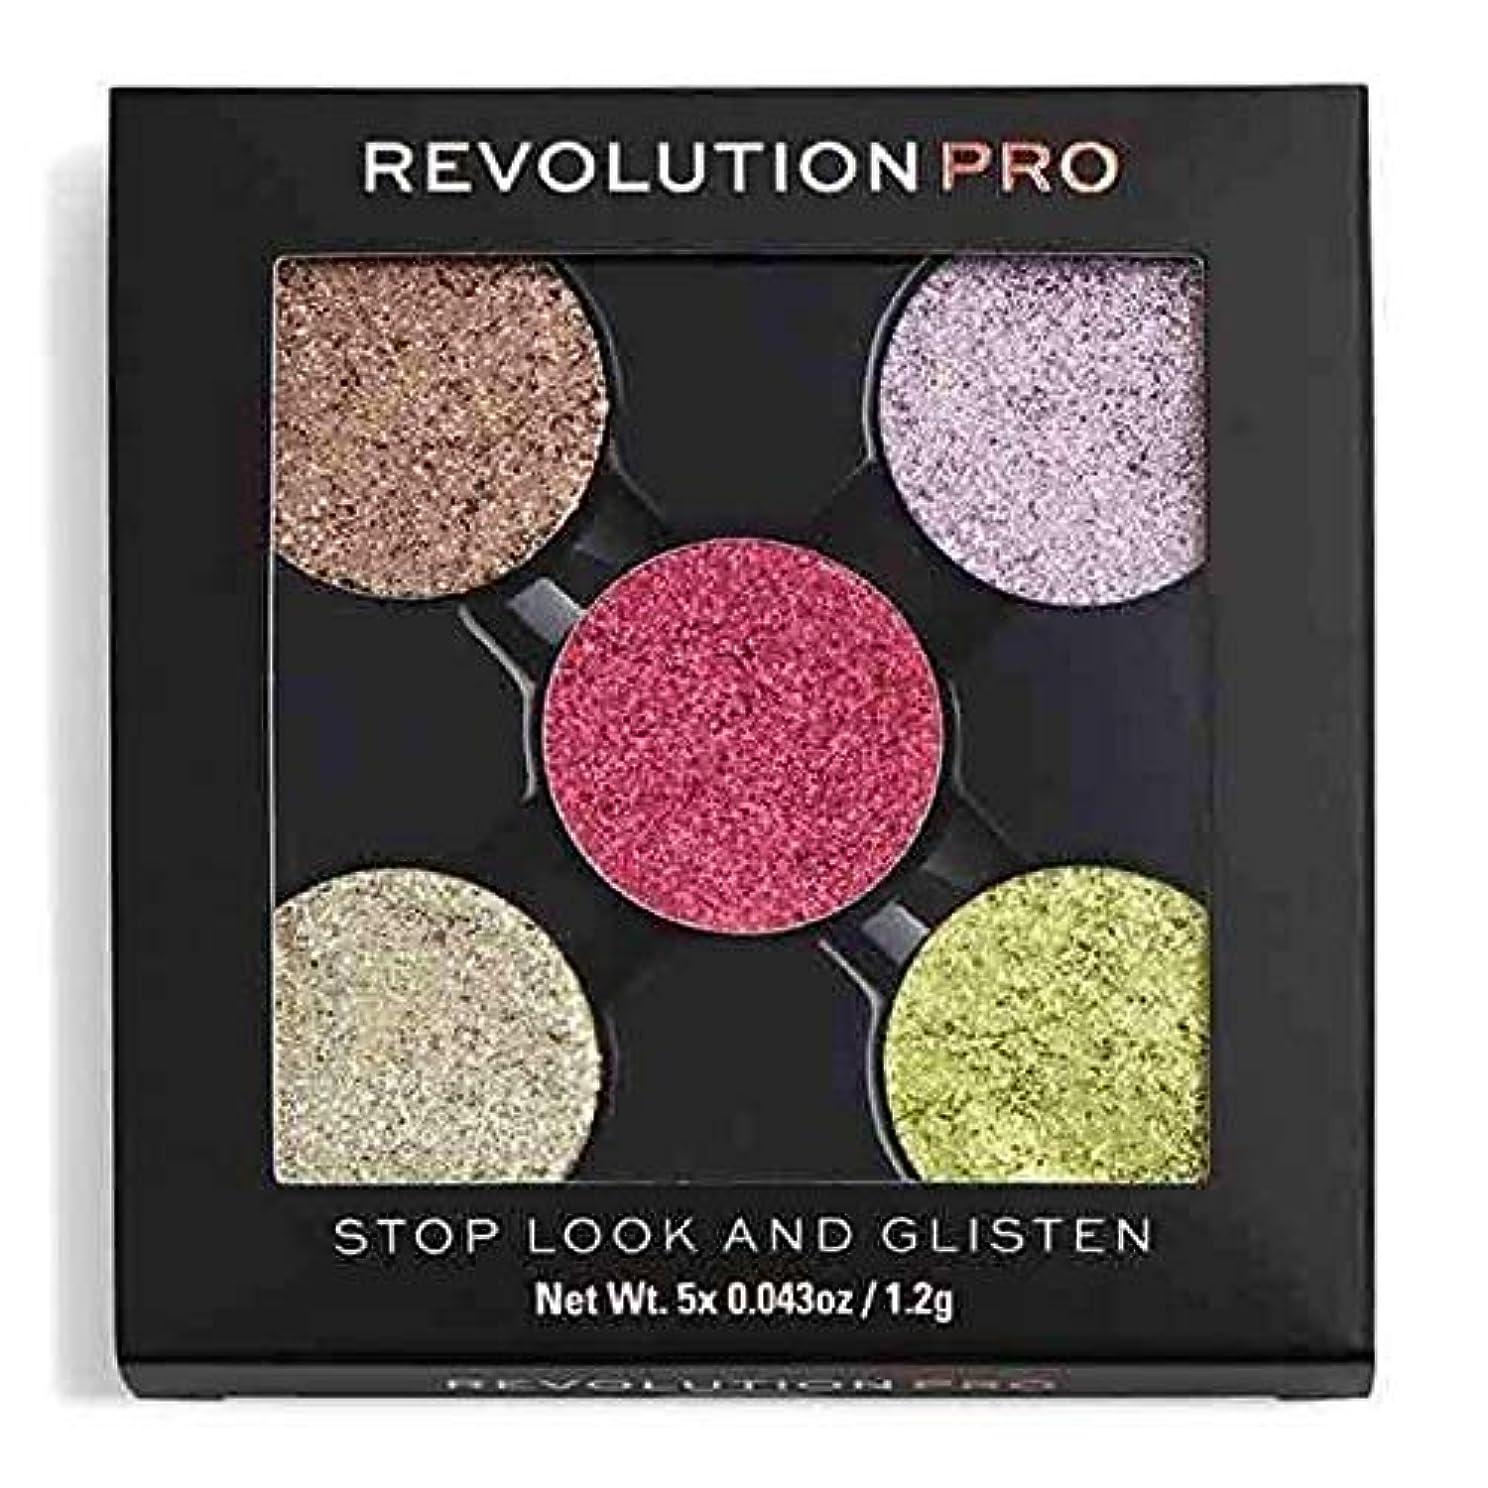 その他万歳別れる[Revolution ] 革命のプロが見て、光る、キラキラパックストップを押します - Revolution Pro Pressed Glitter Pack Stop, Look and Glisten [並行輸入品]